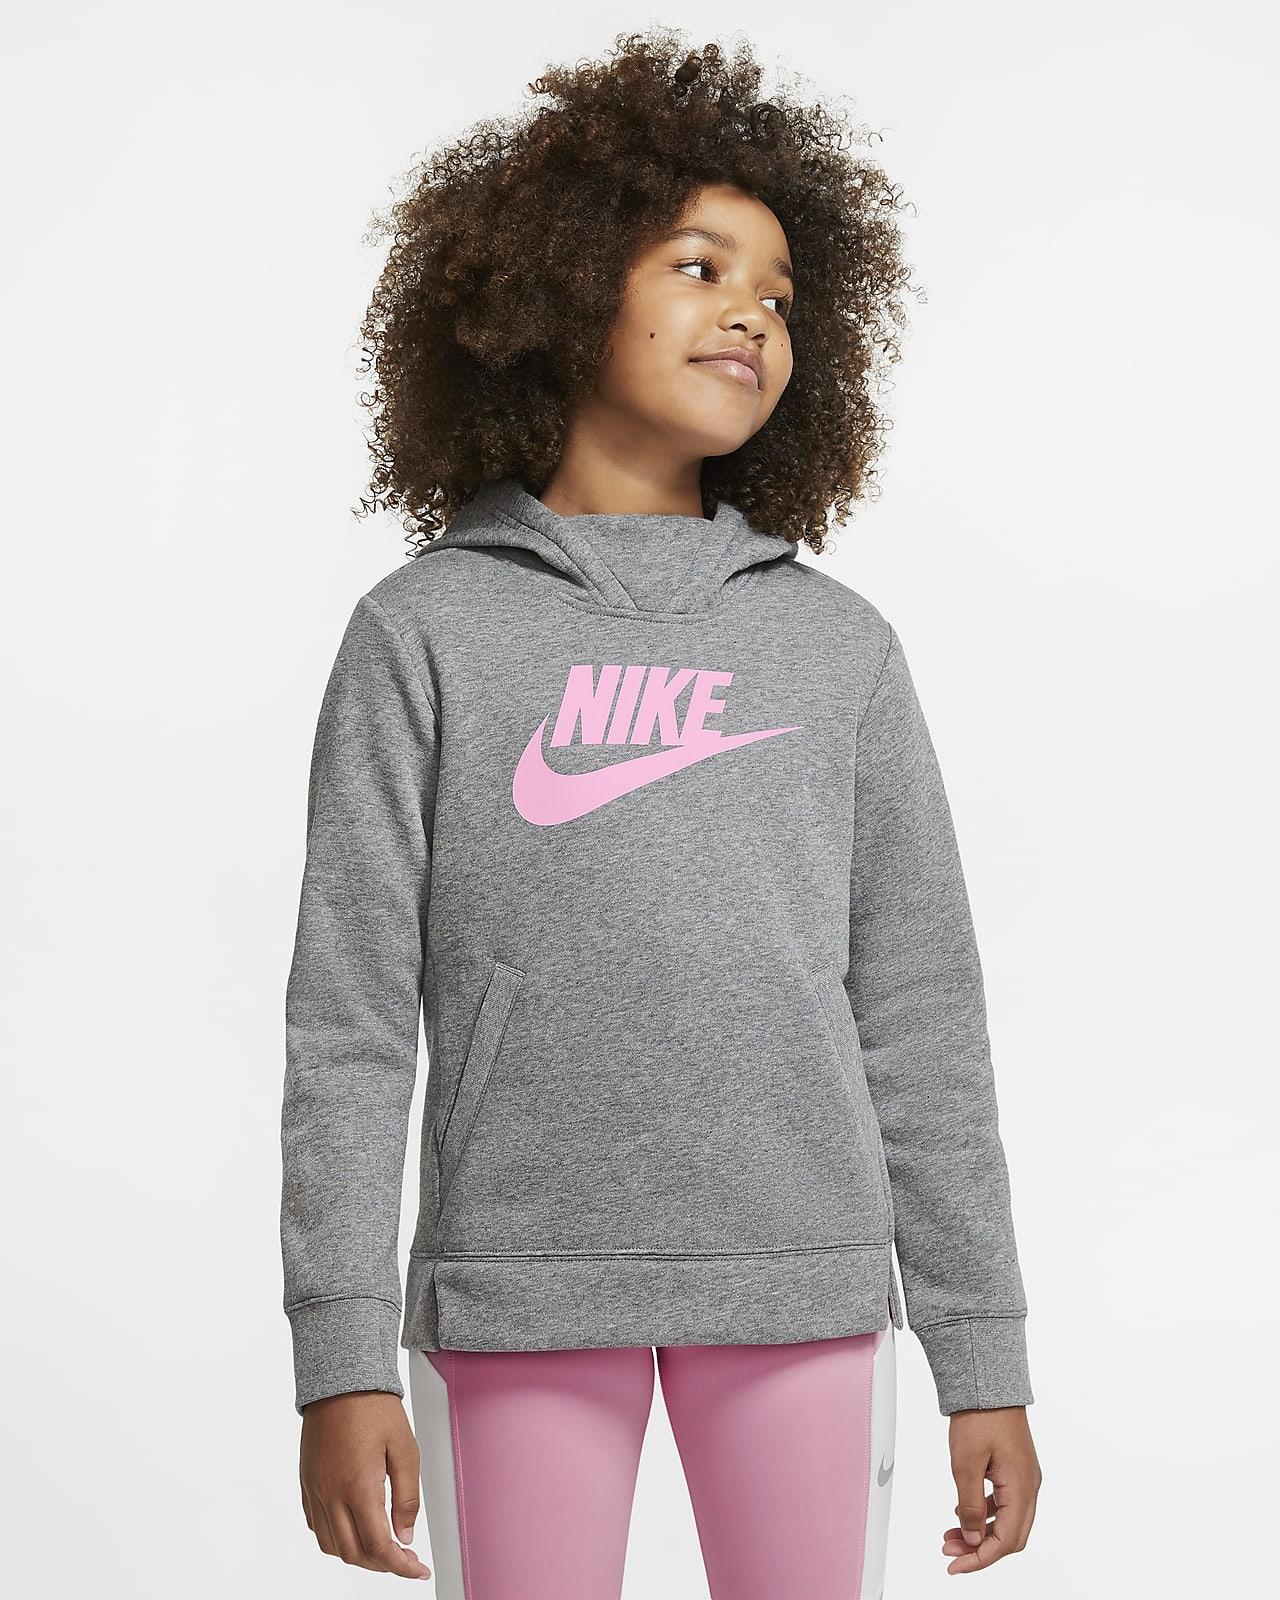 Κοριτσίστικη μπλούζα με κουκούλα Nike Sportswear